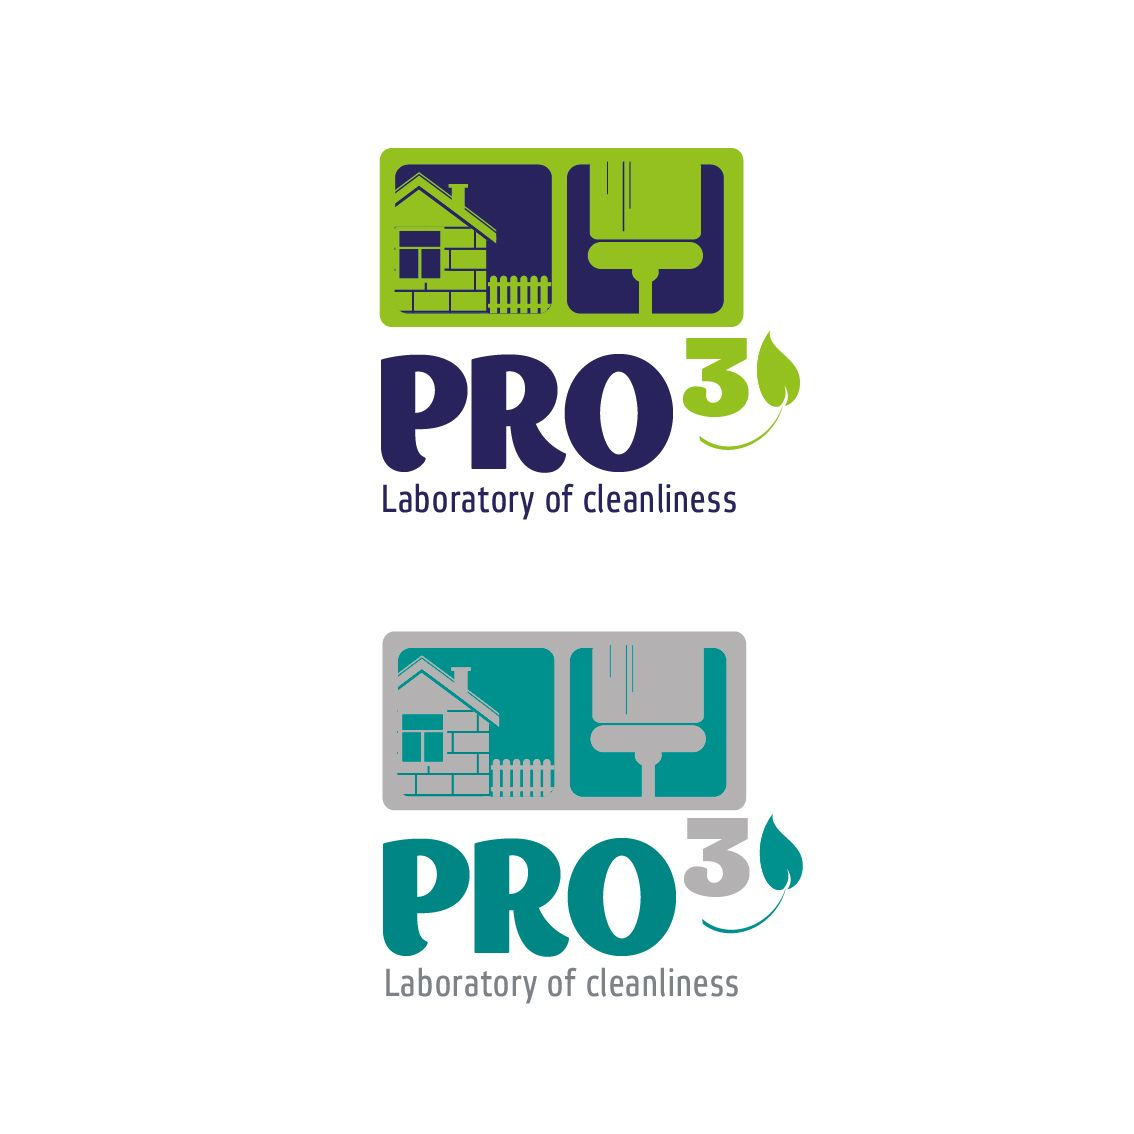 Логотип  для Лаборатории чистоты PRo3 - дизайнер li_monnka